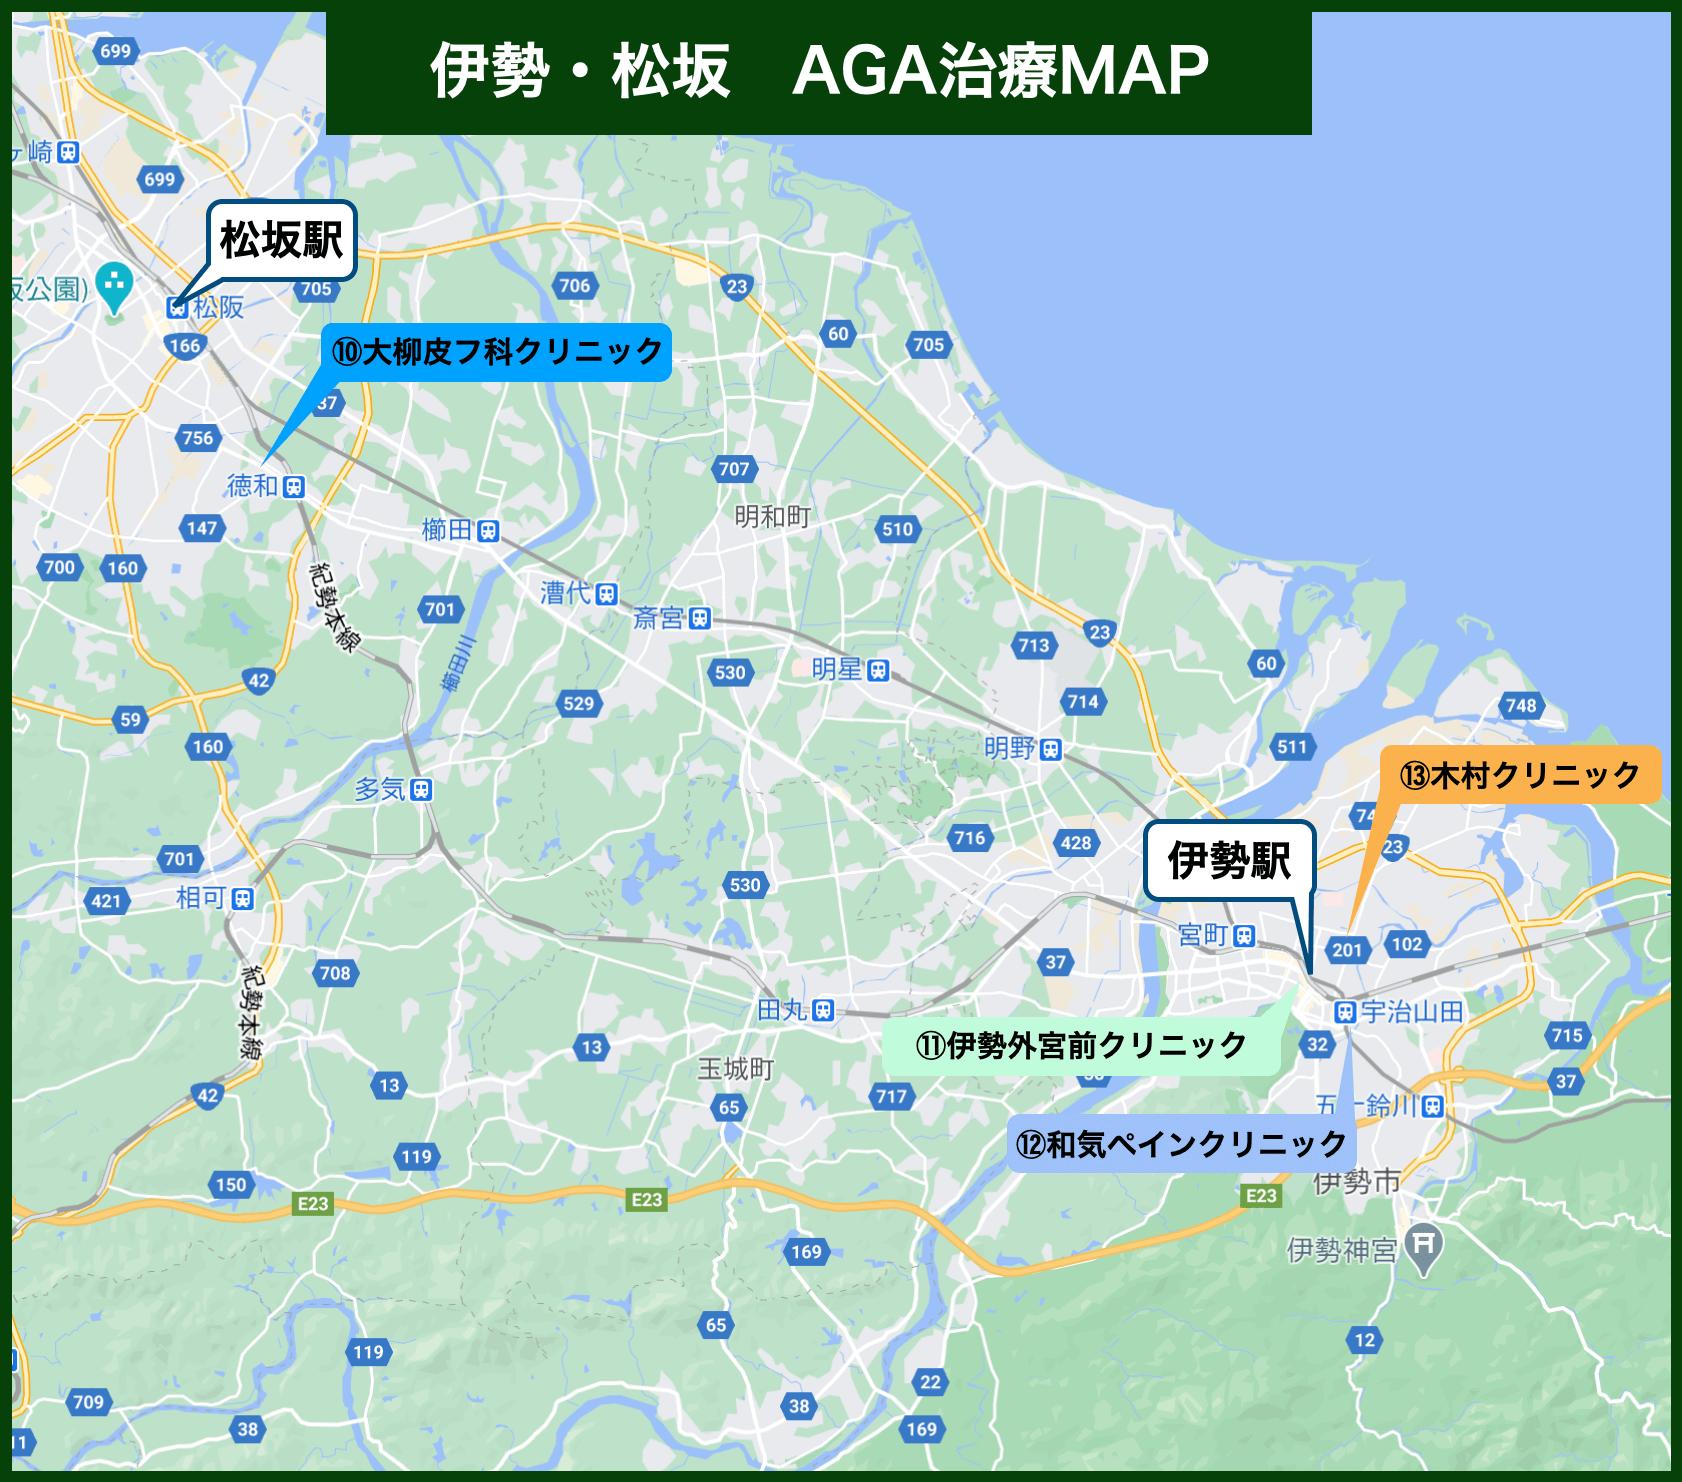 伊勢・松坂 AGA治療MAP